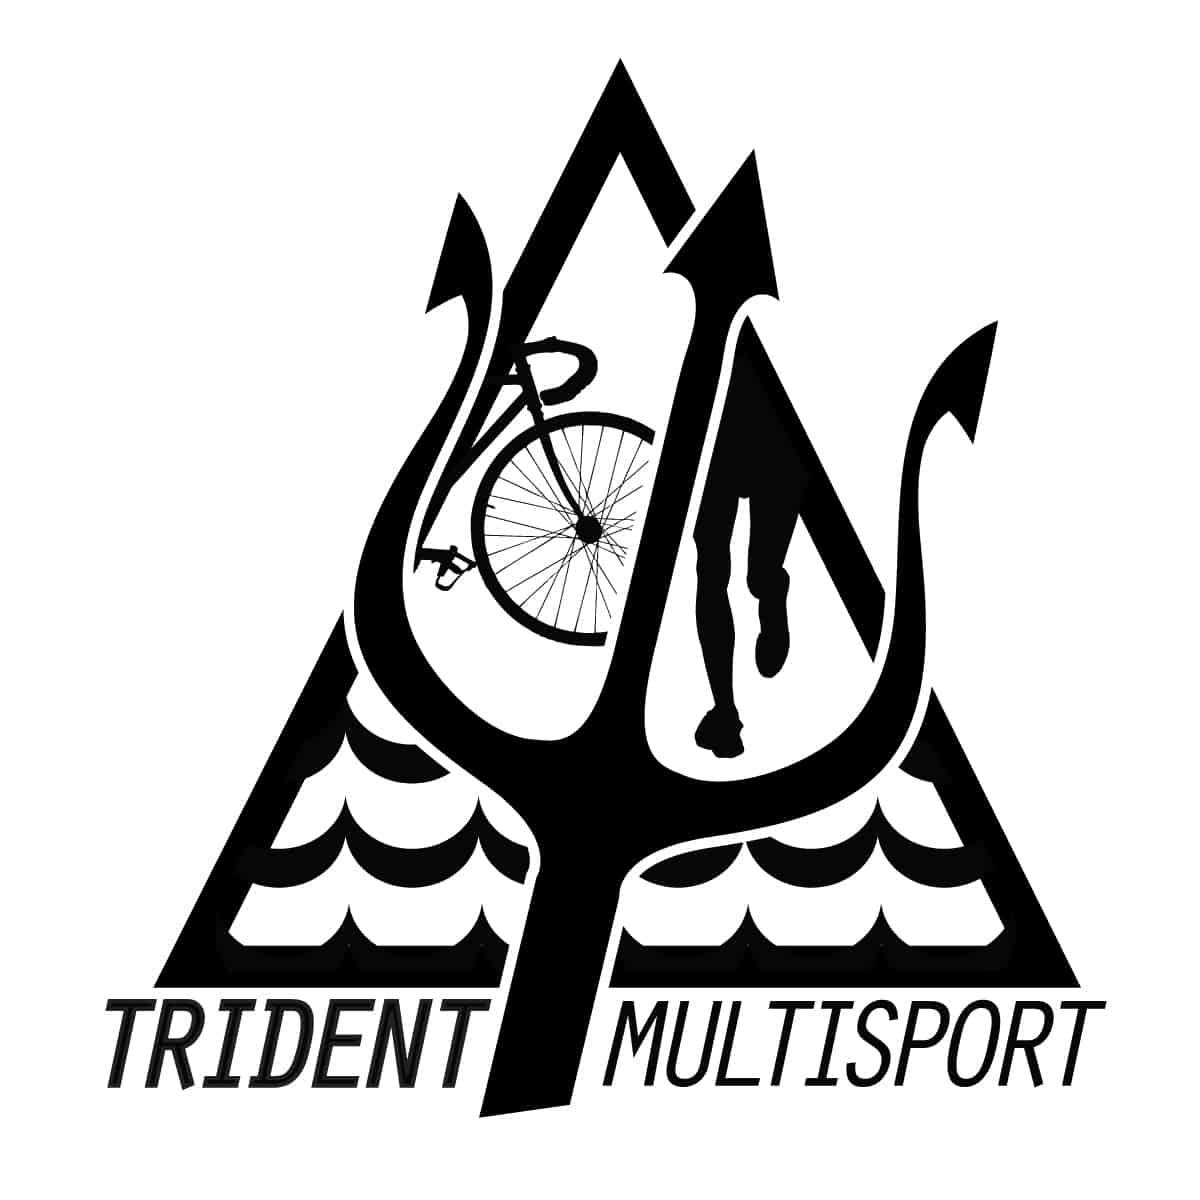 Trident Multisport